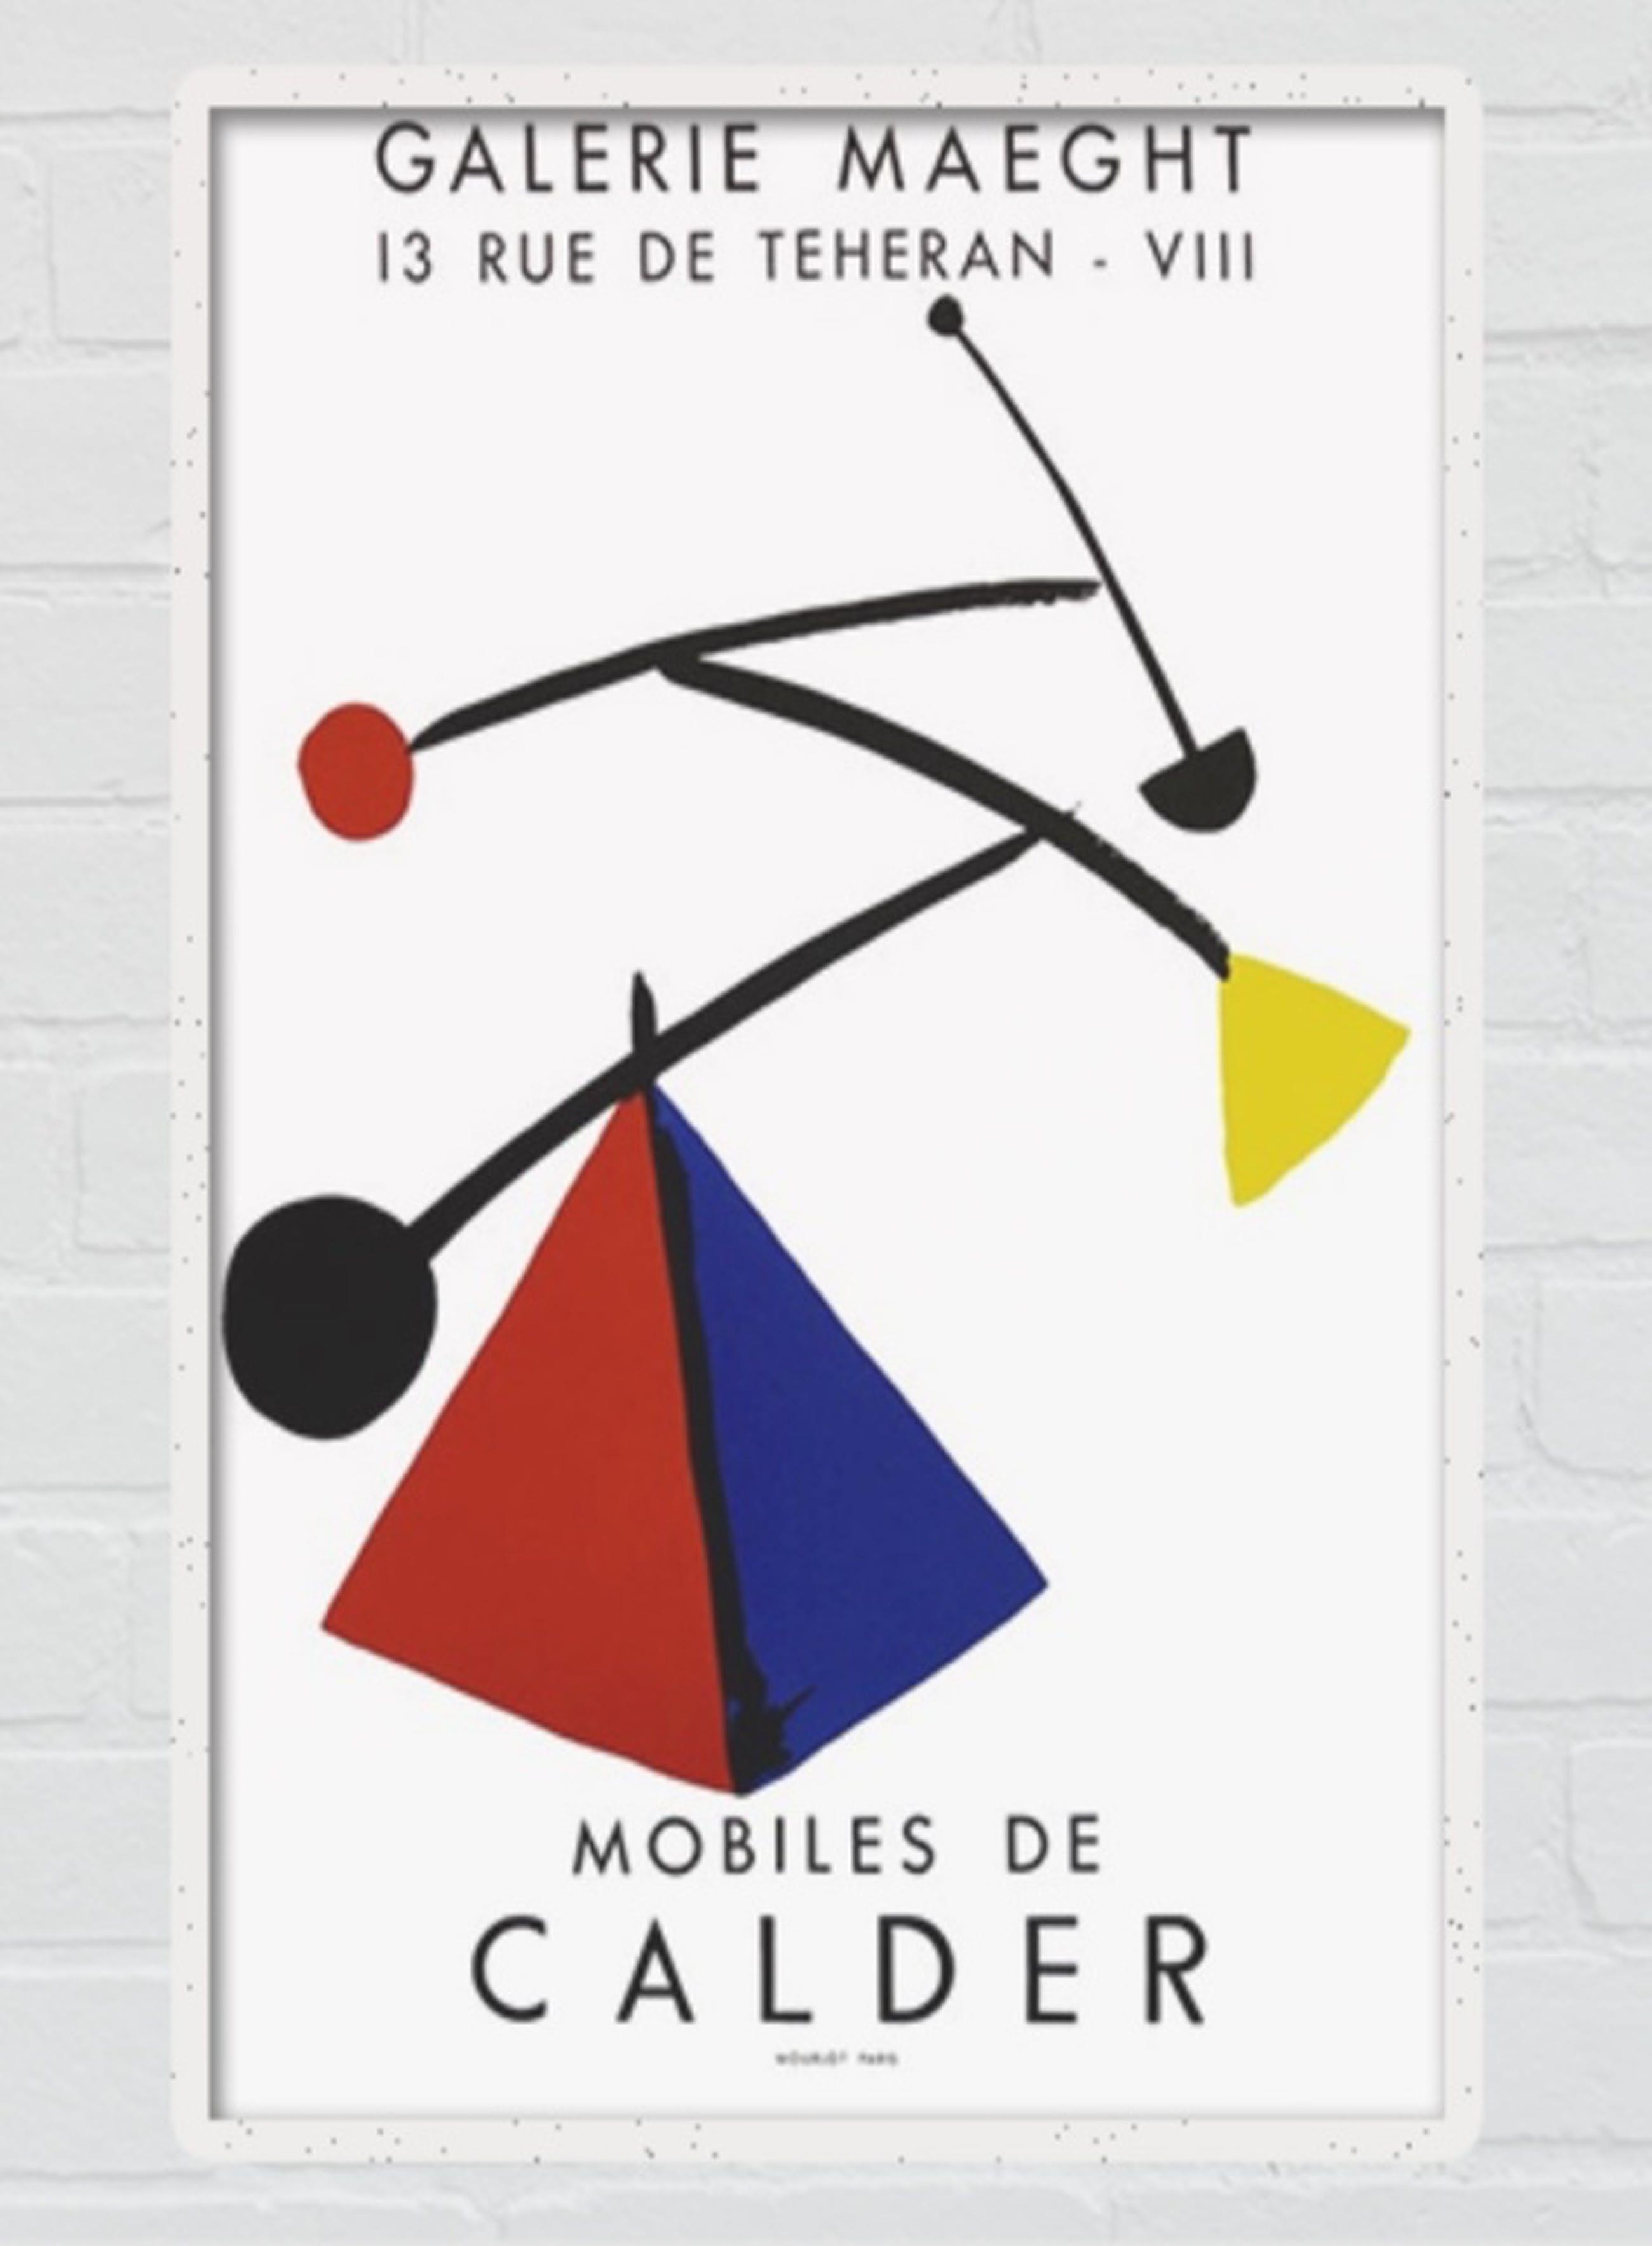 Alexander Calder - Affiche - lithografie - 1954- MOBILES kopen? Bied vanaf 1!